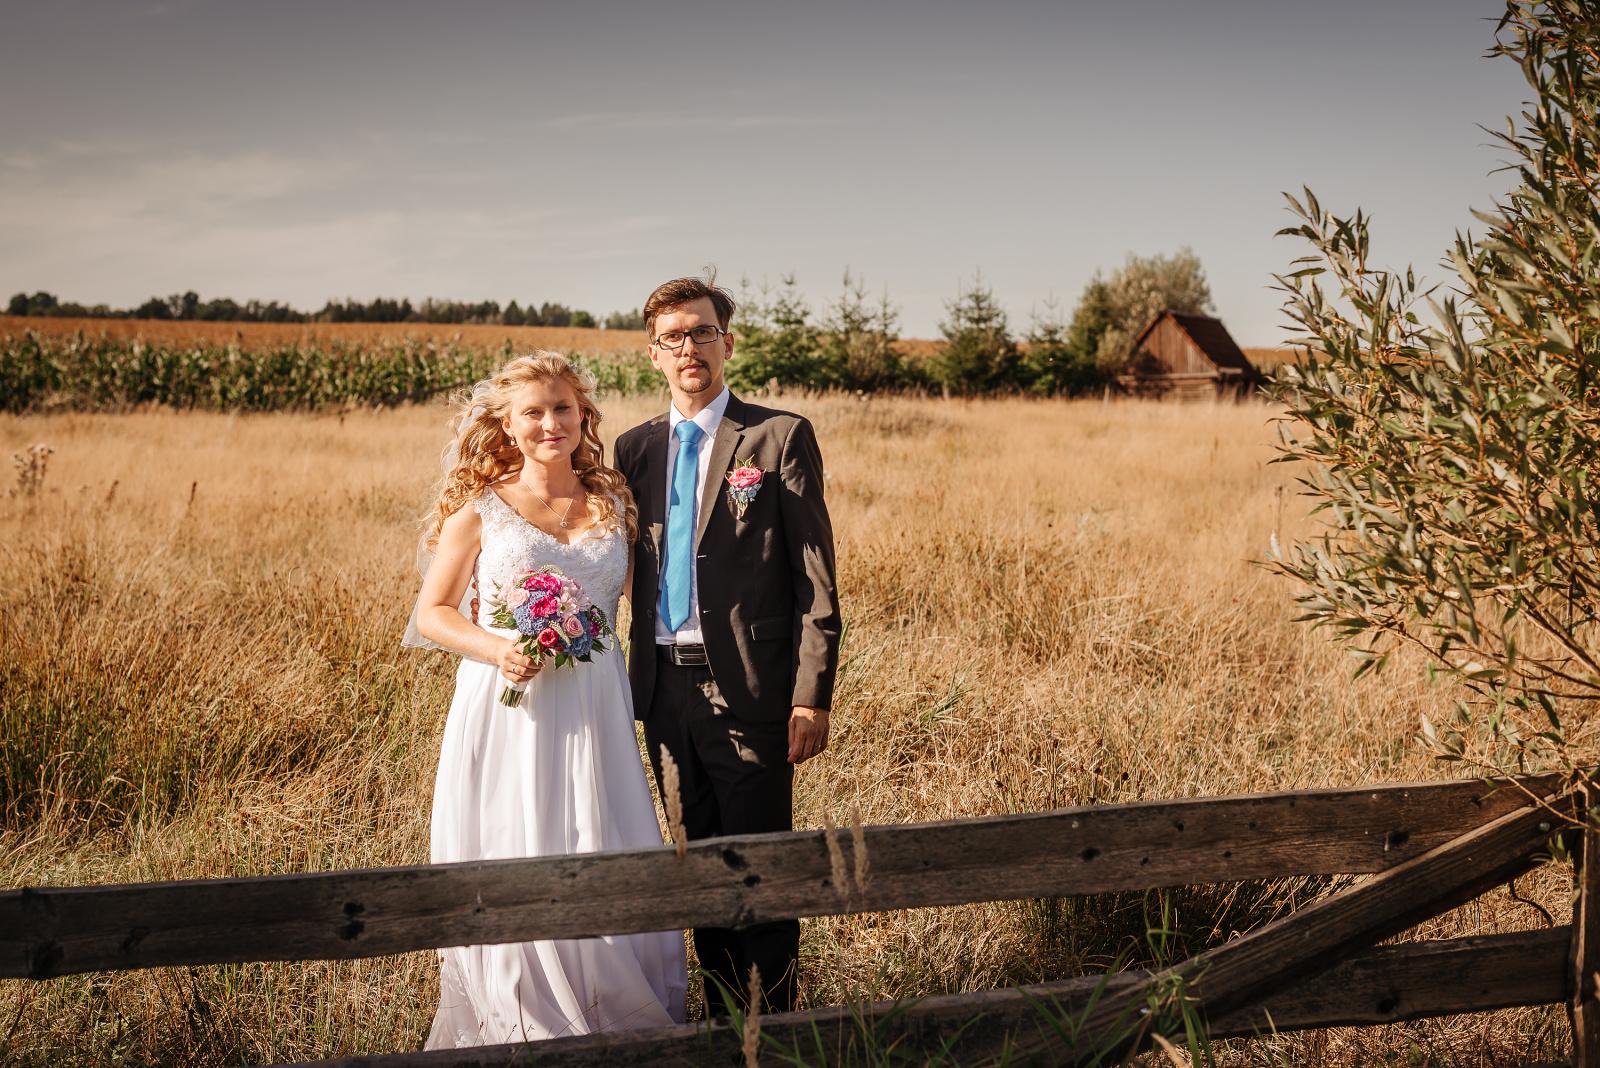 svatební fotografie jako na divokém západě